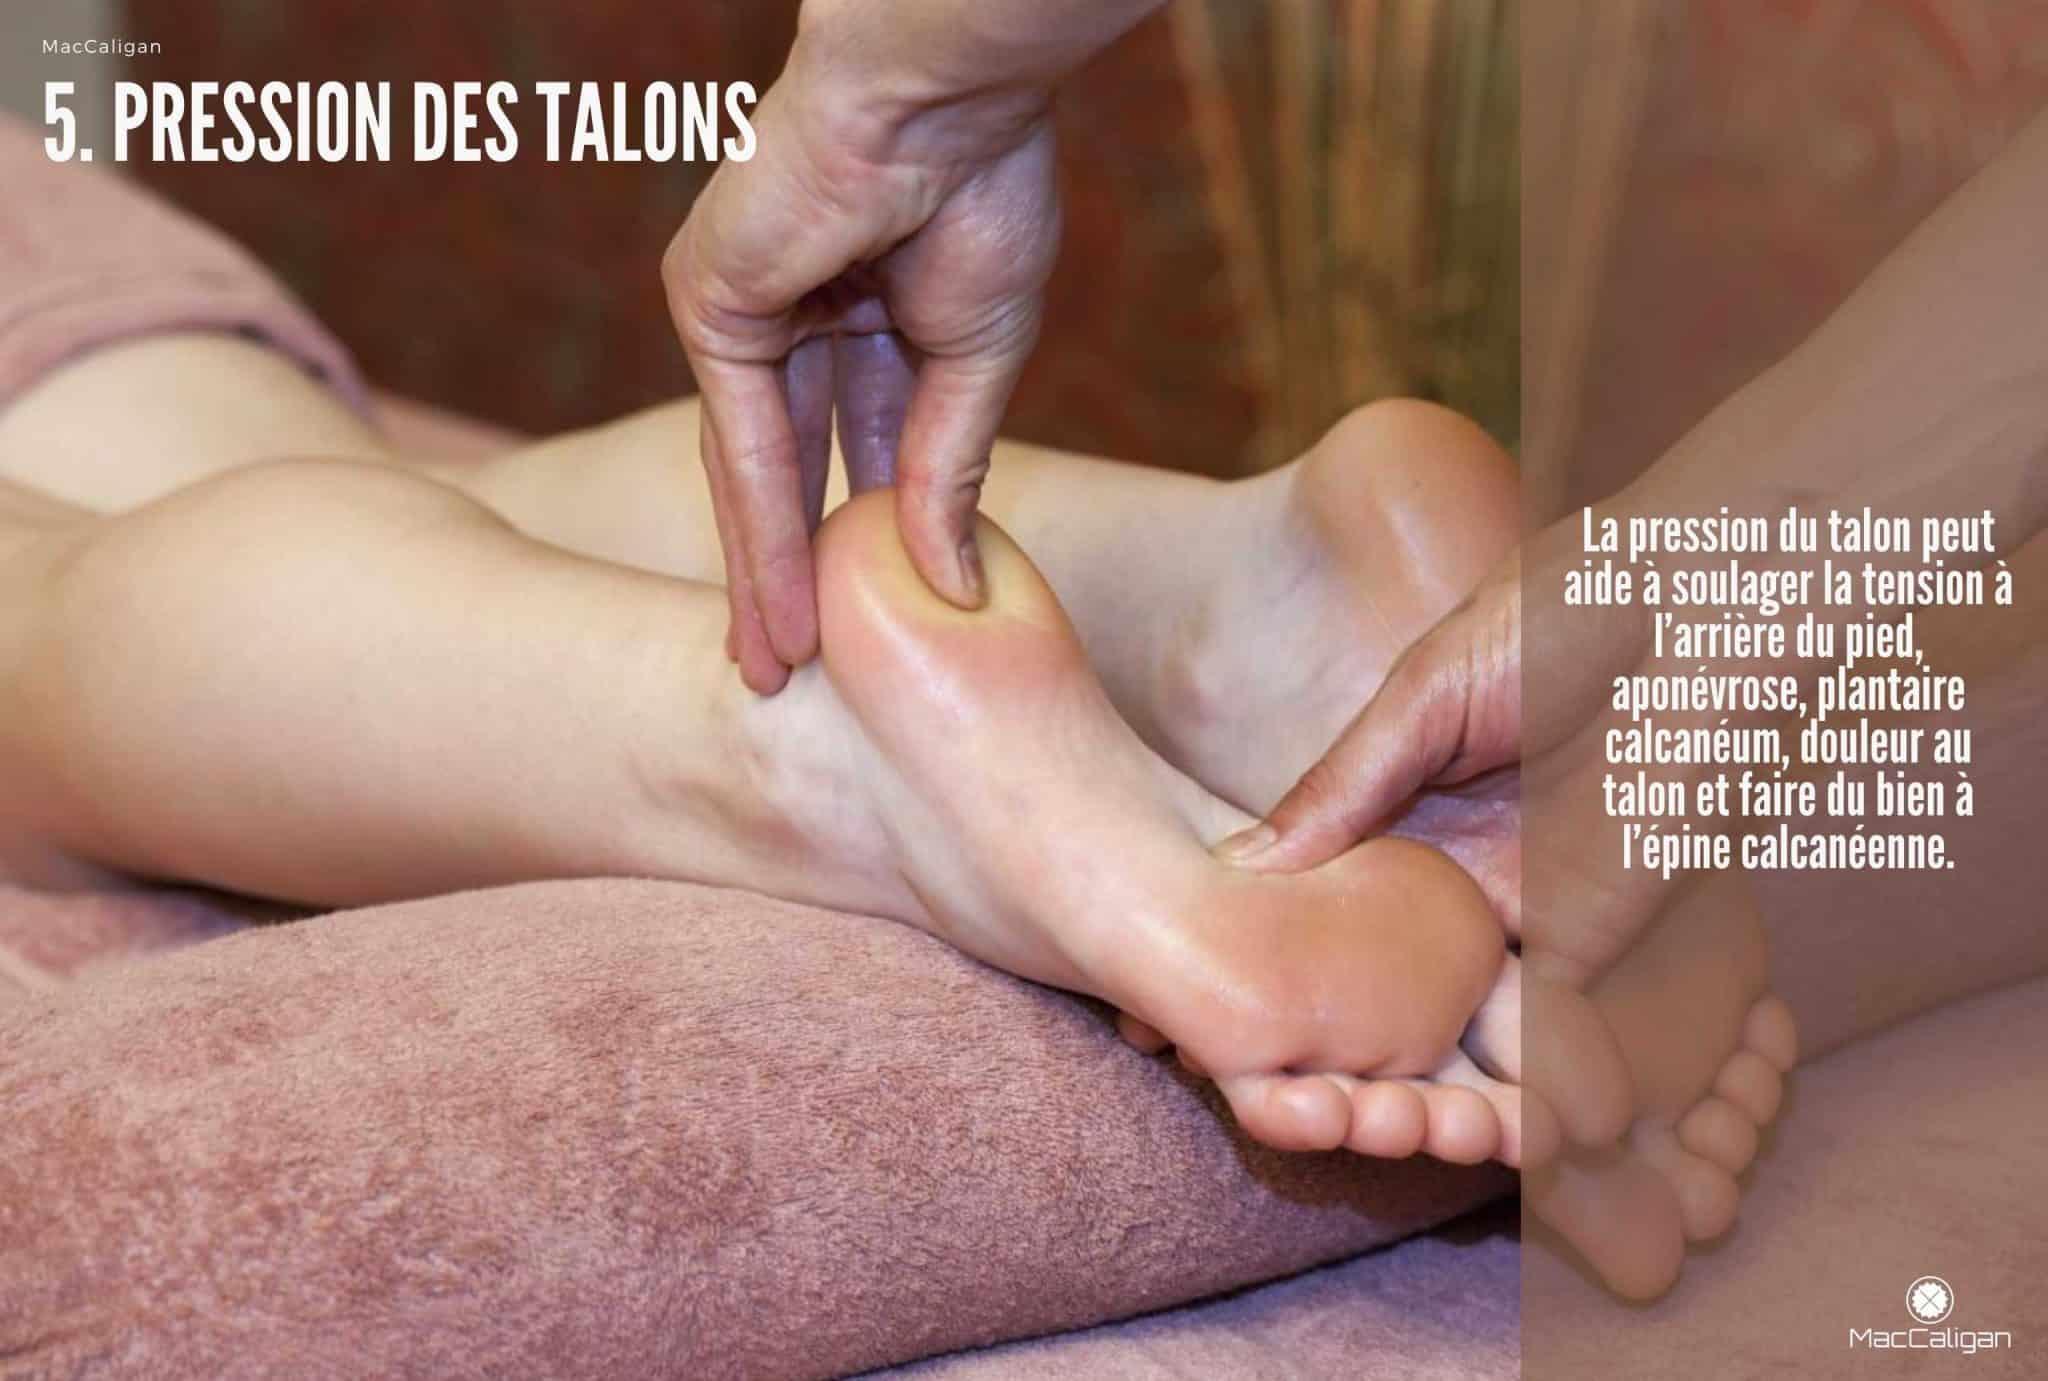 5. PRESSION DES TALONS - massage pied point sensible